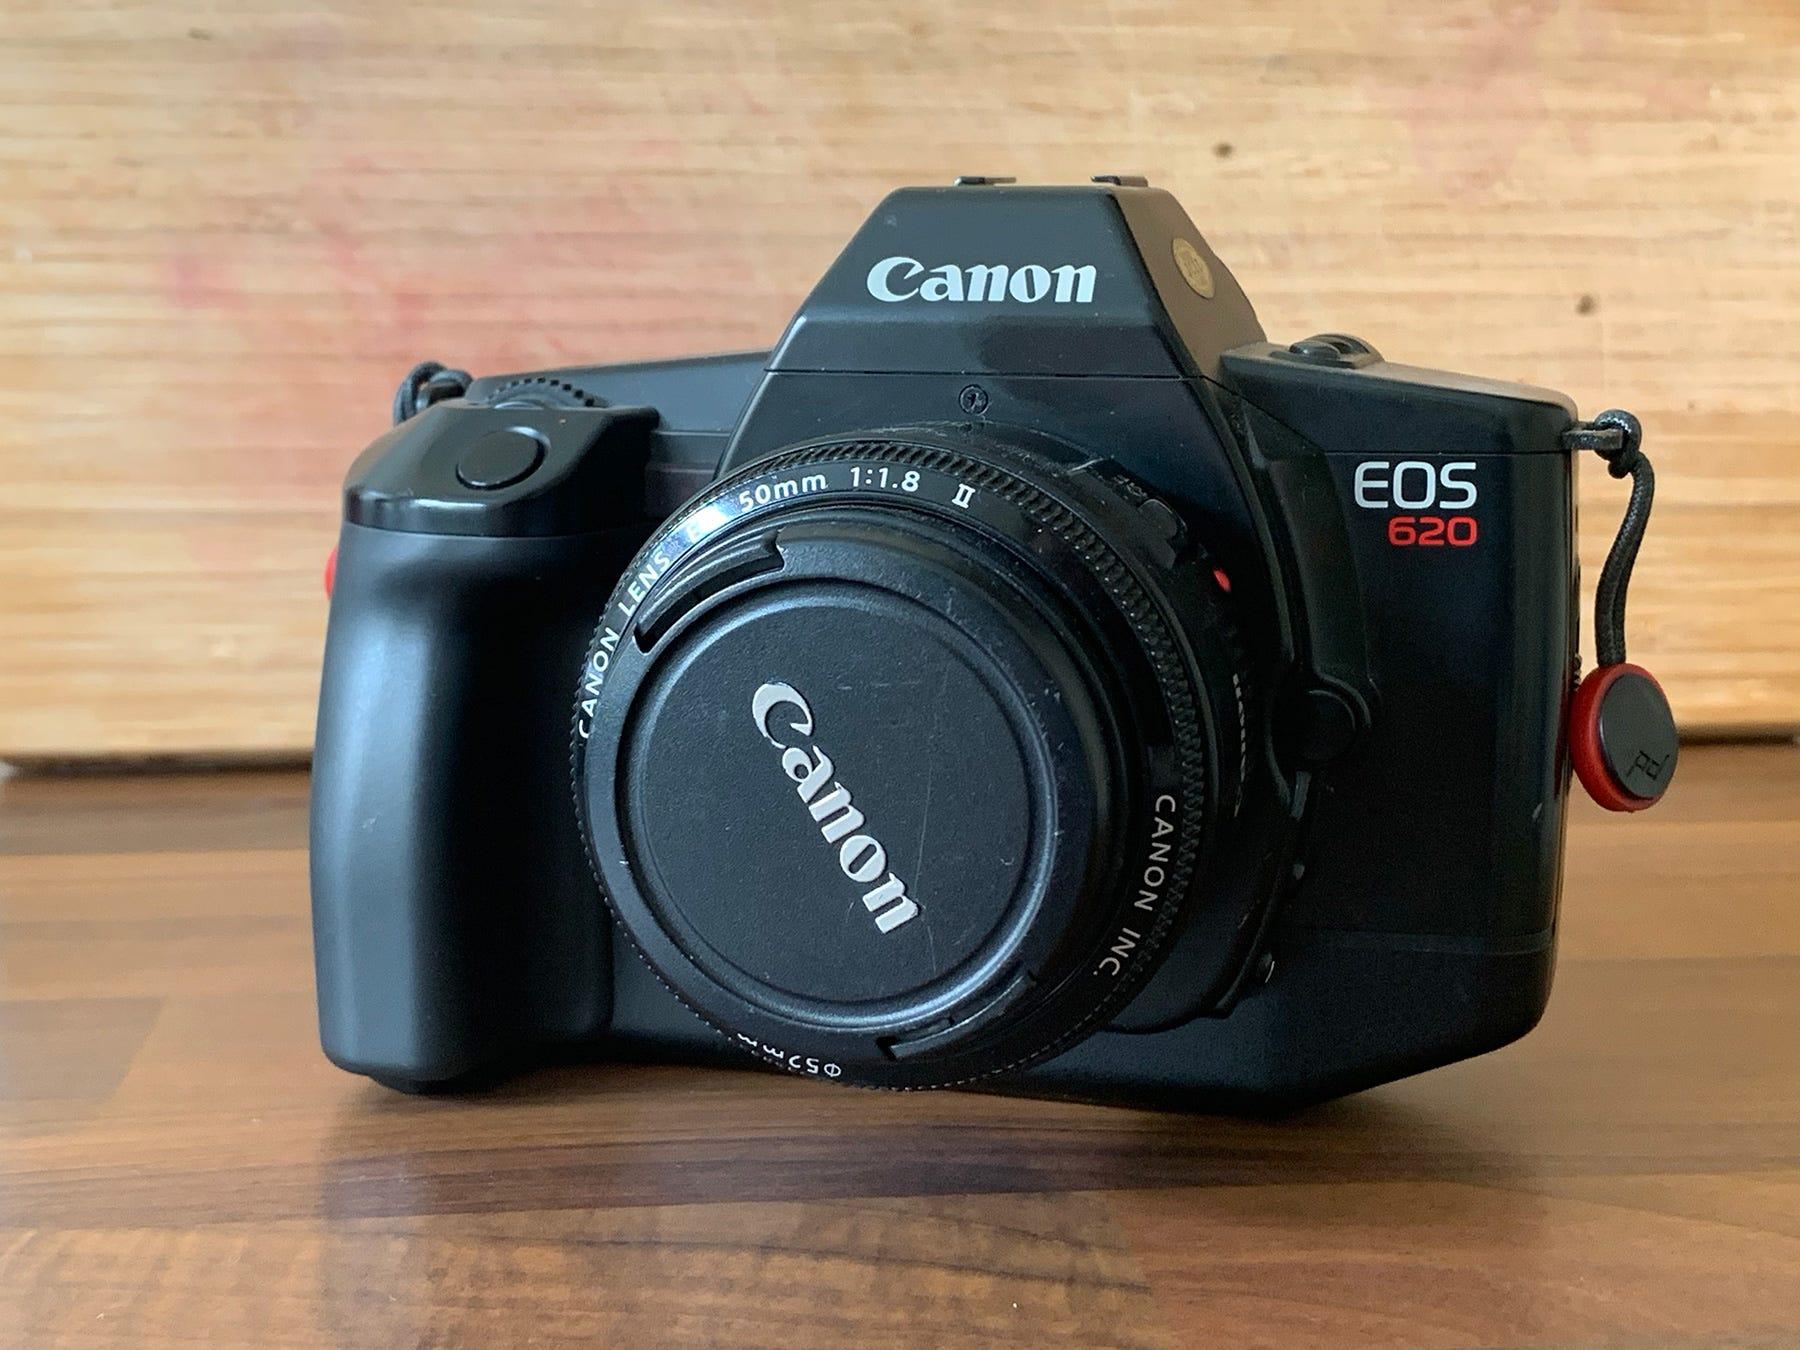 canon eos 620